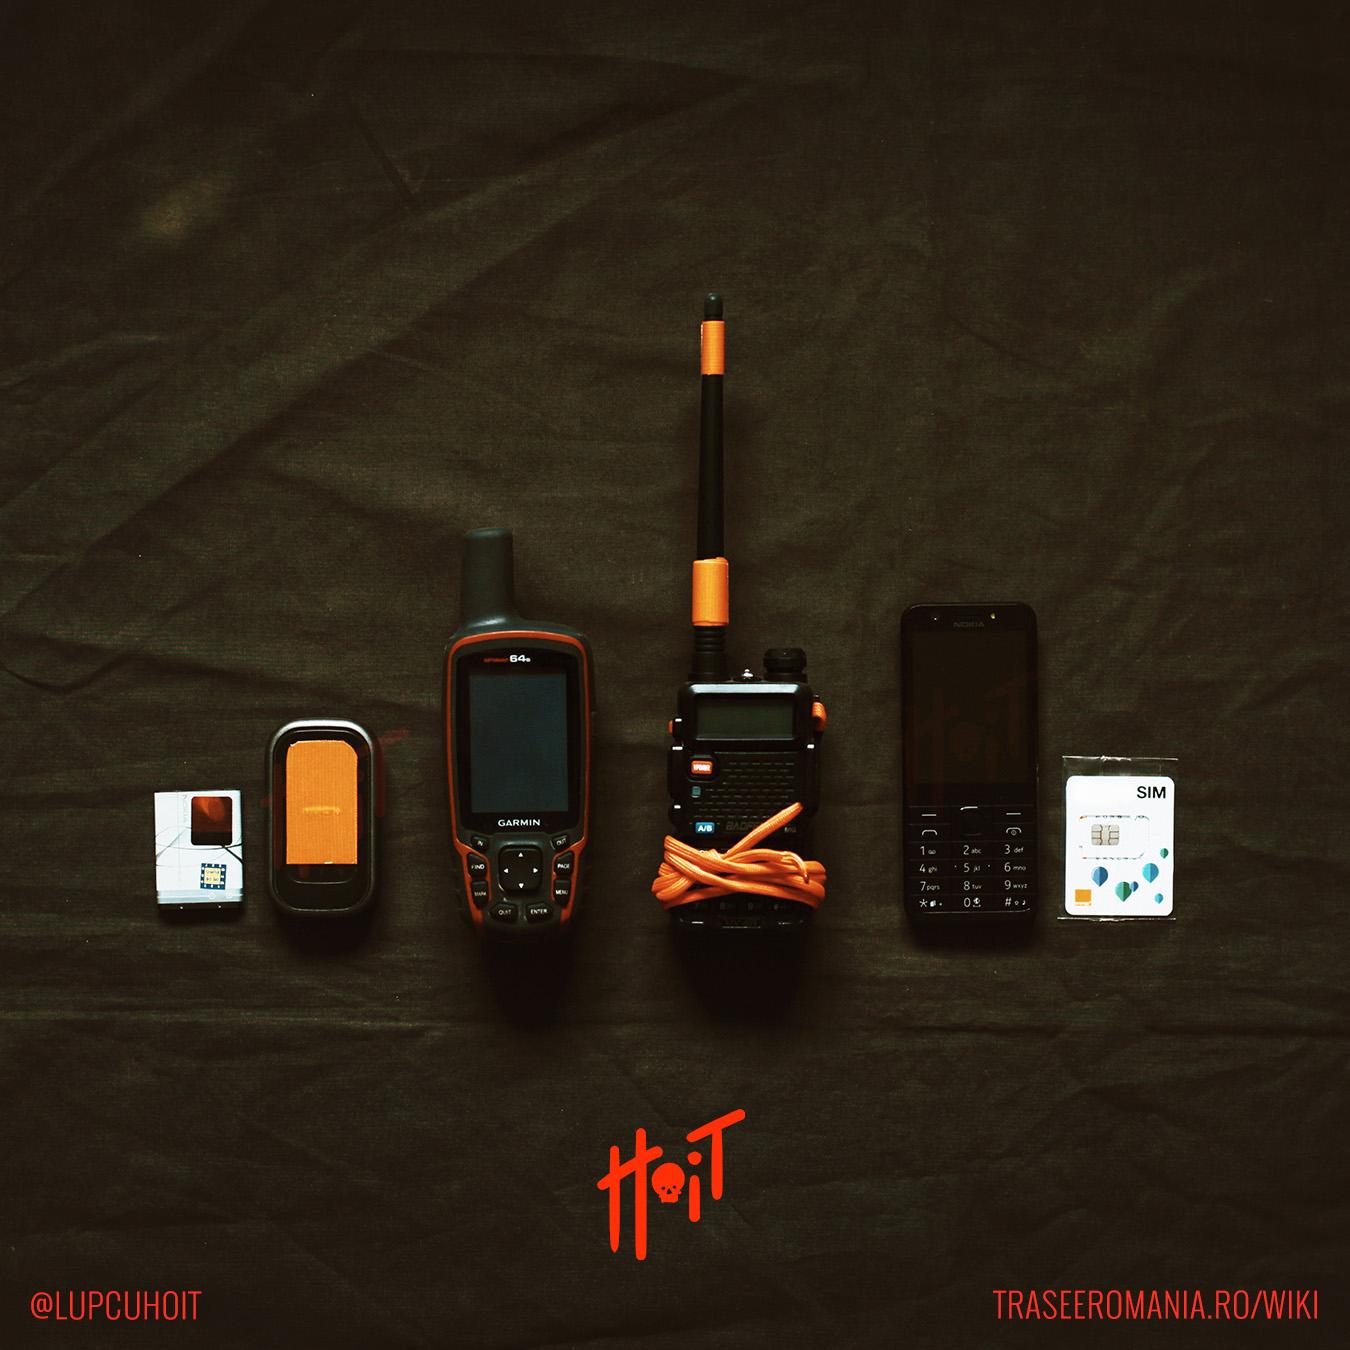 Modalitati de comunicare in zone fara semnal la telefon